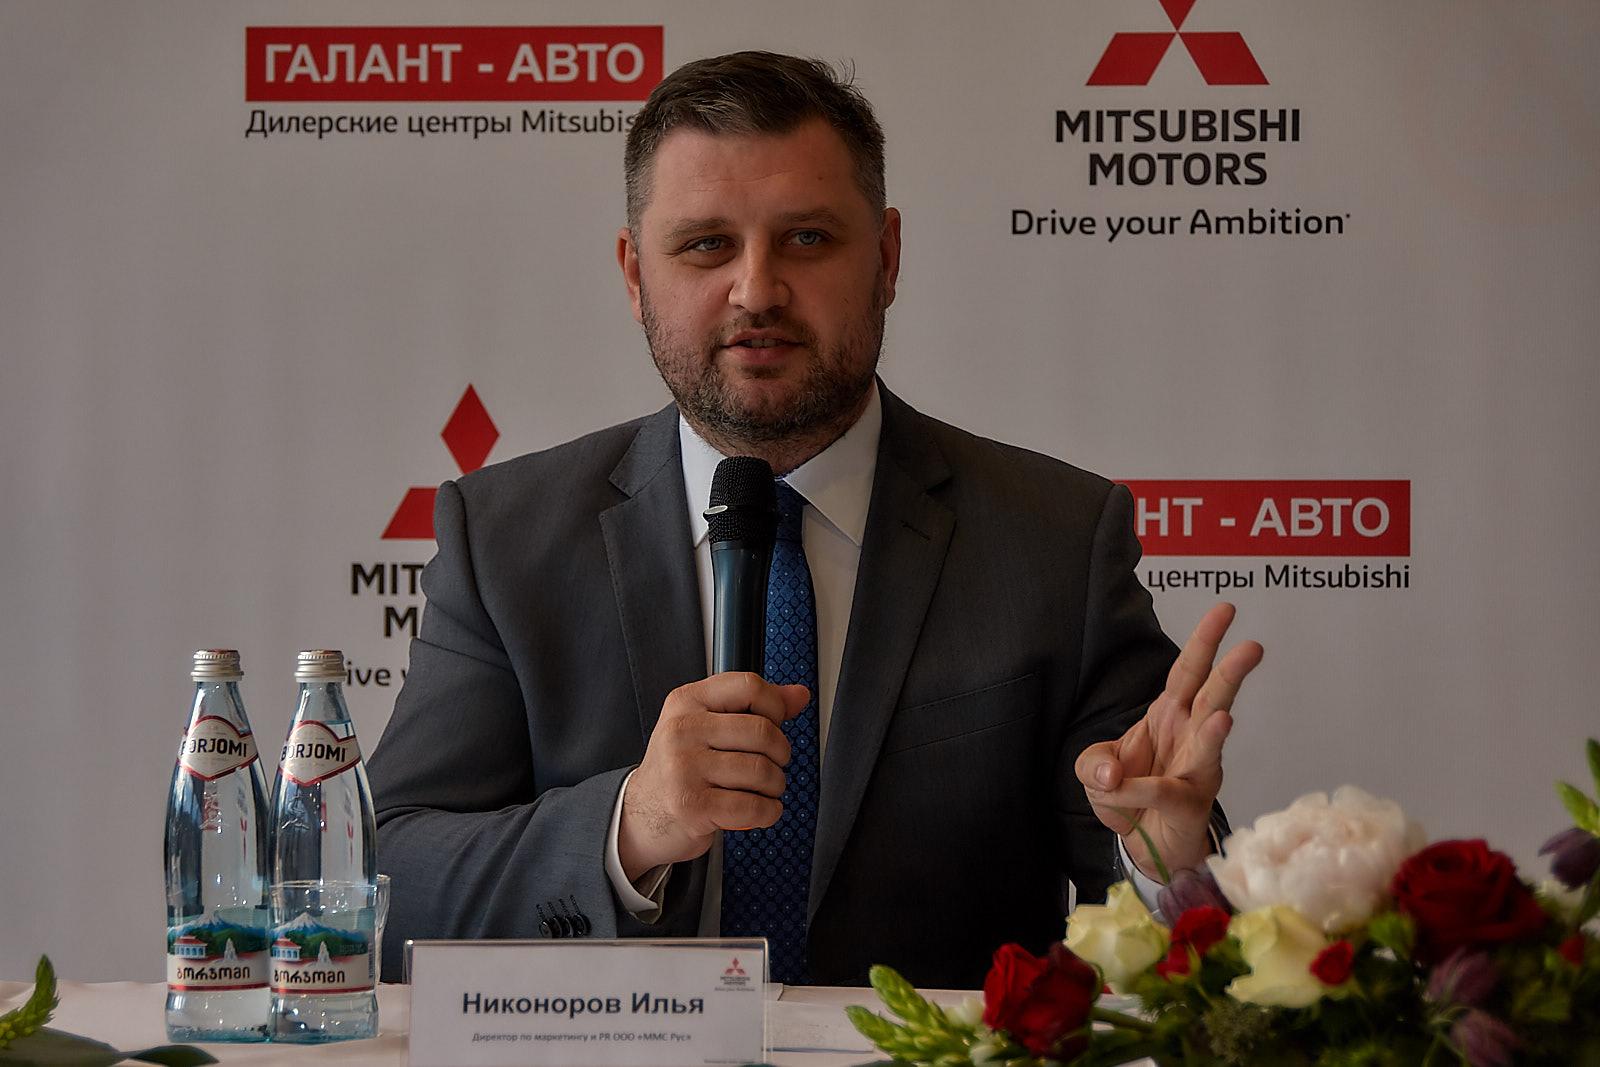 Илья Никоноров, Директор по маркетингу и связям с общественностью «ММС Рус» Презентация новой концепции дизайна дилерского центра Mitsubishi Motors в Санкт-Петербурге. Группа компаний «Галант-Авто»